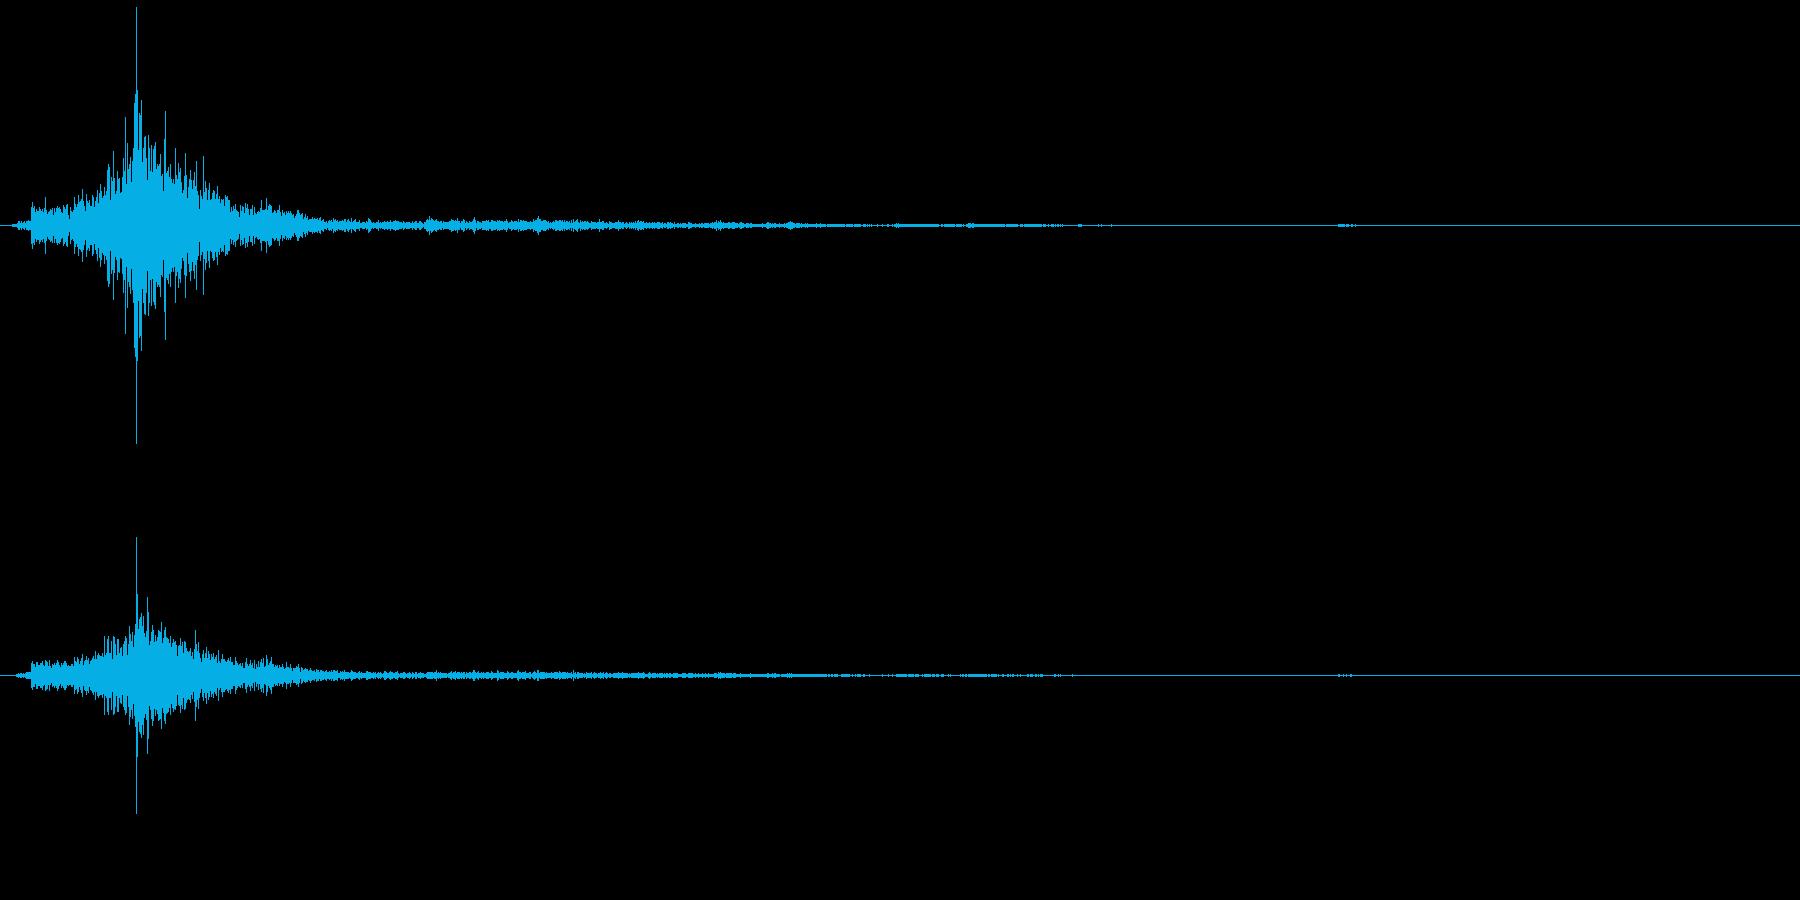 【機械/ロボット系014】装着系の再生済みの波形